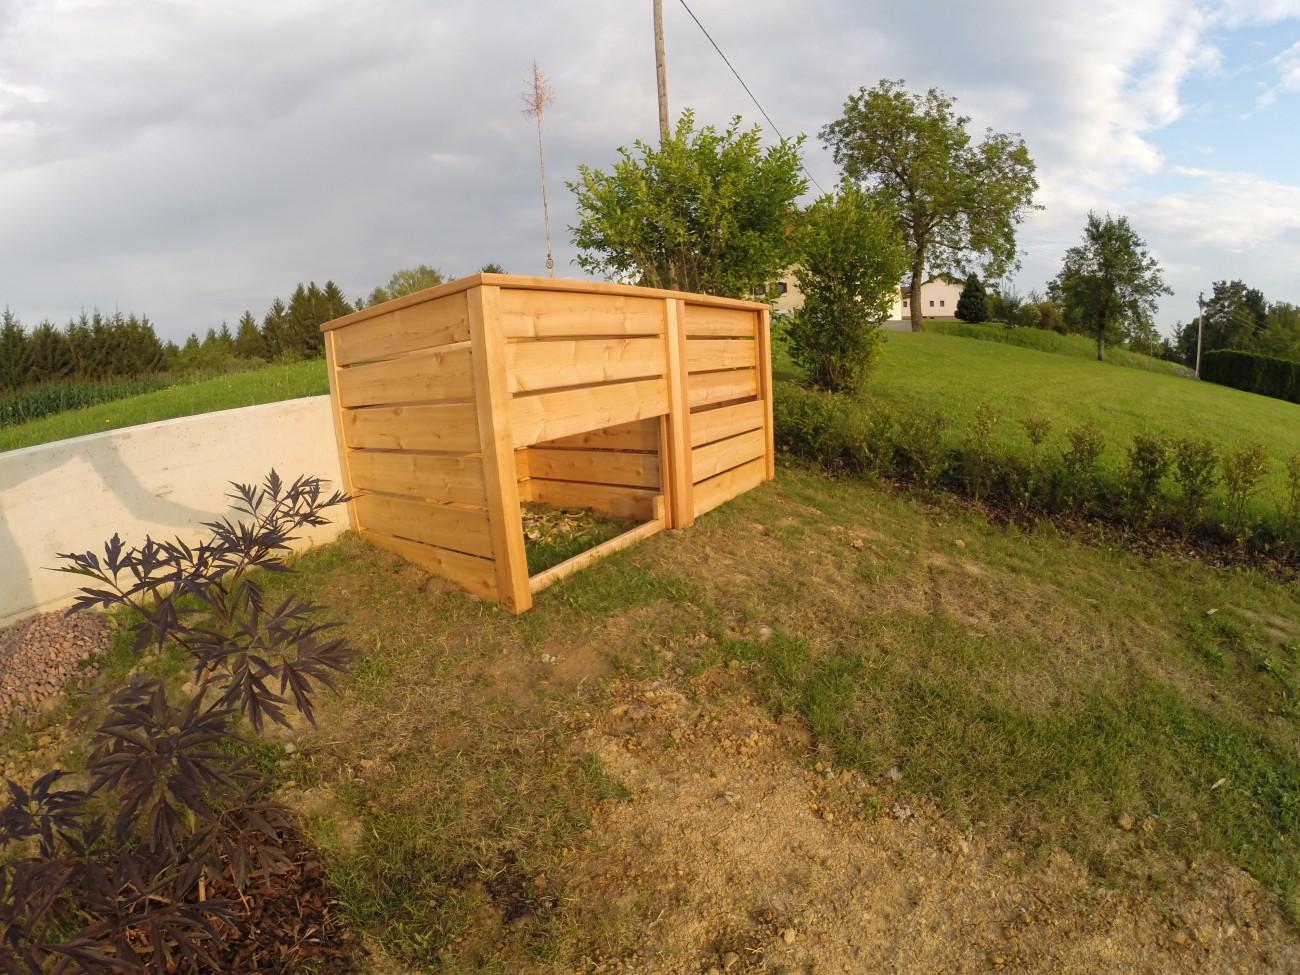 komposter | lärche | lamellen zum verschieben